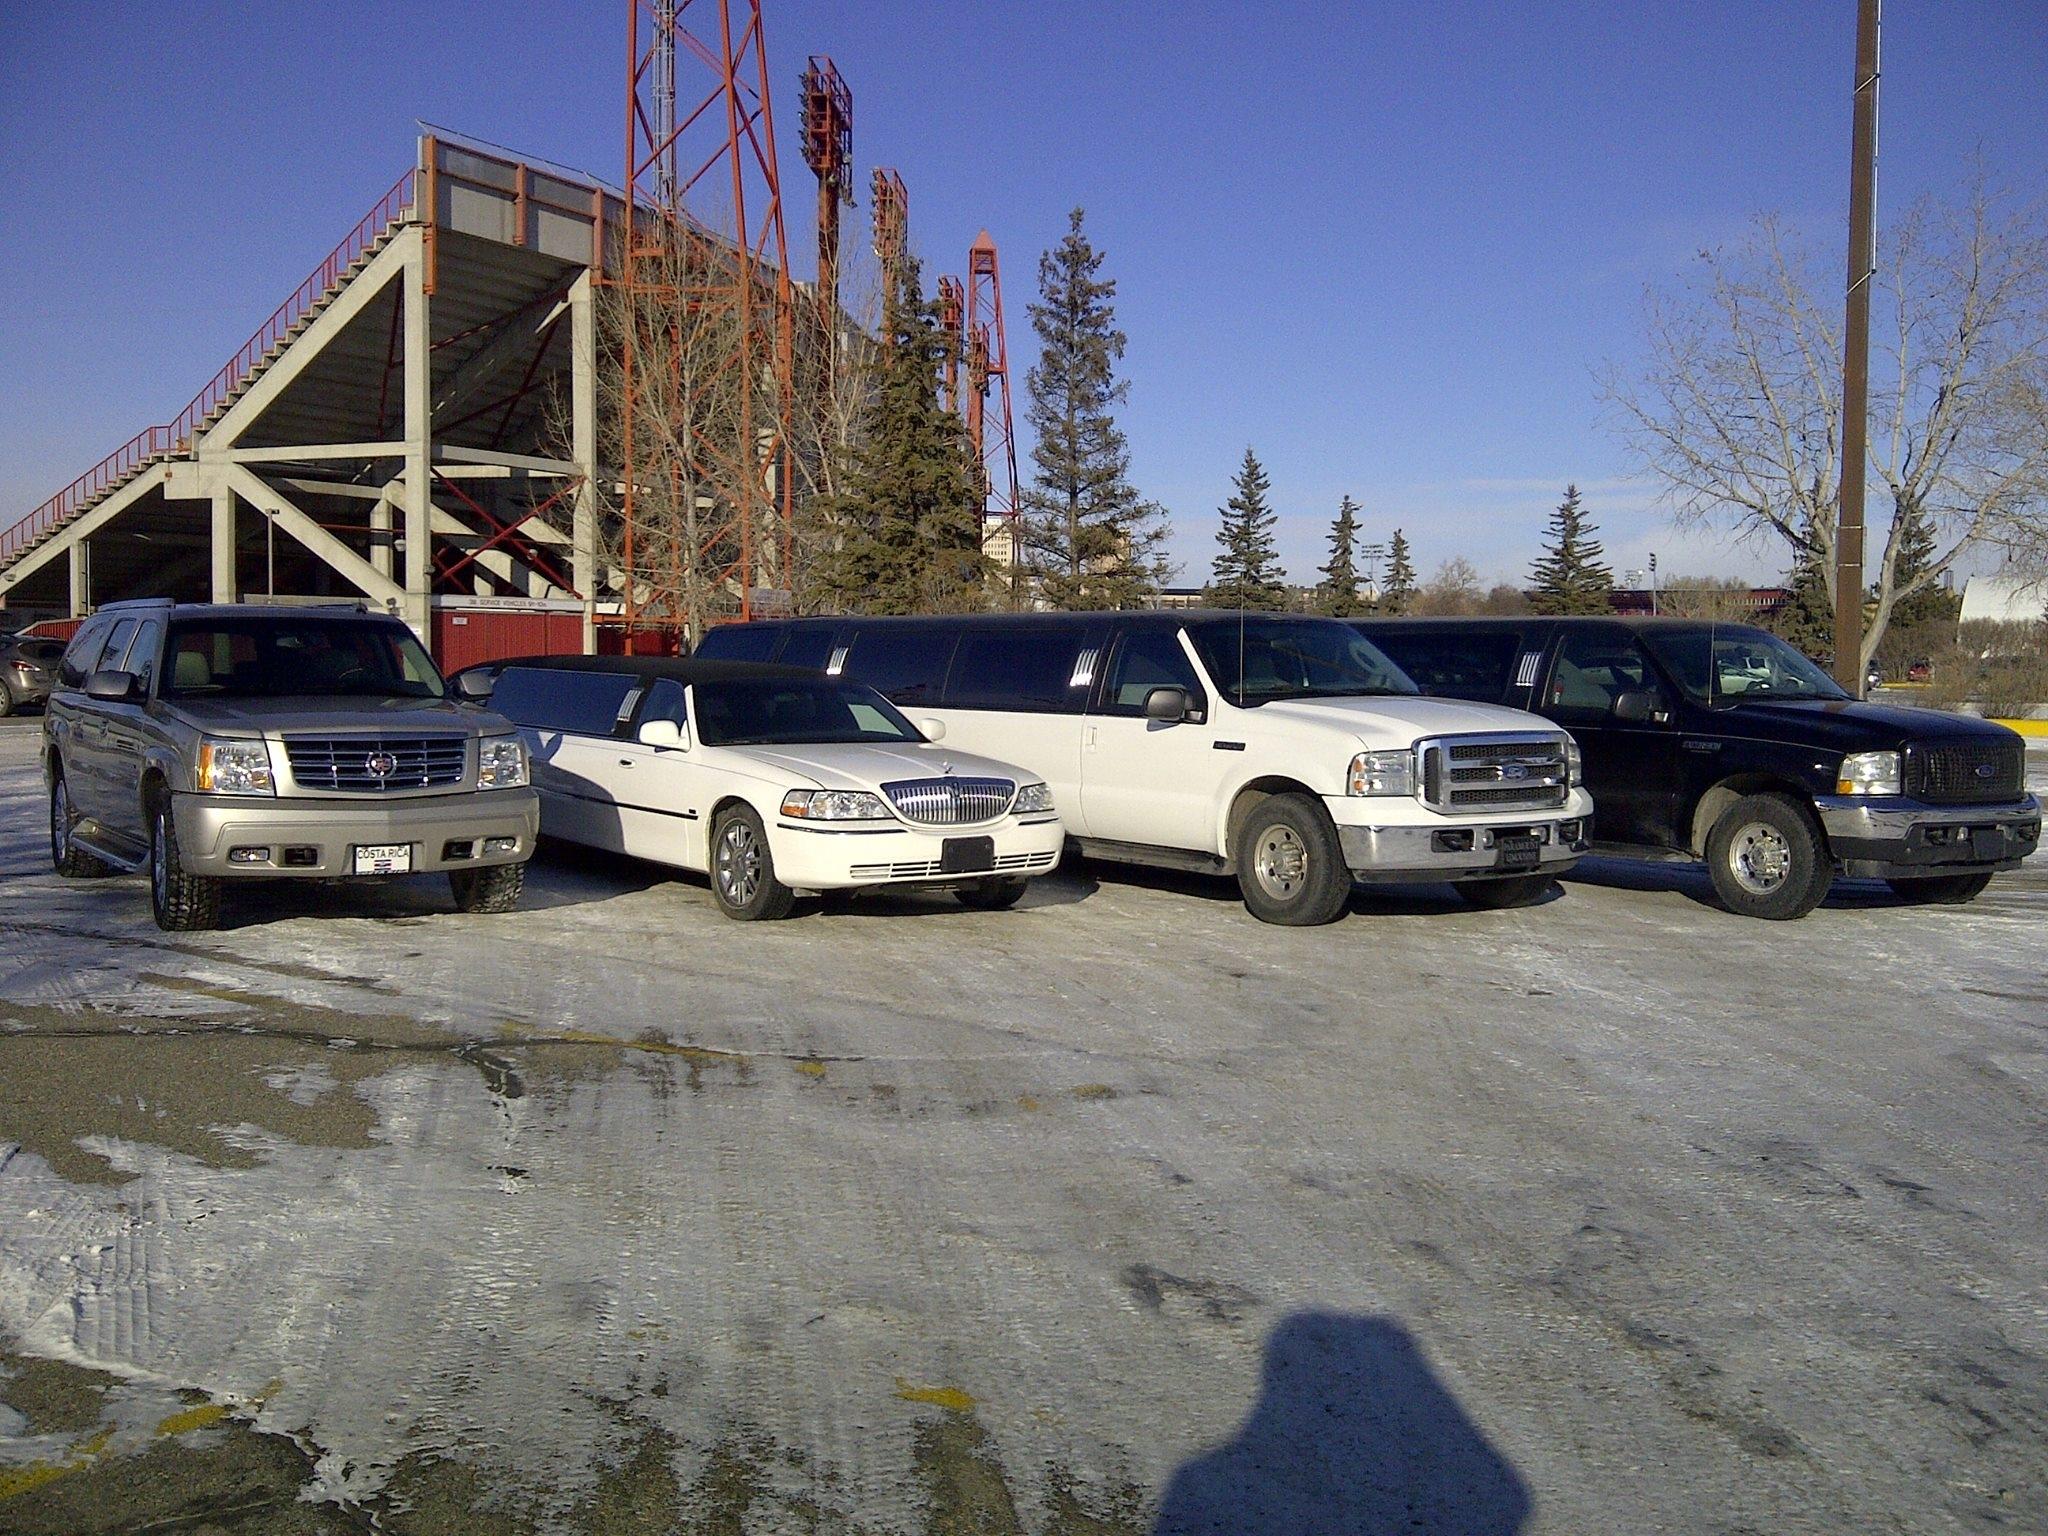 Paramount Limousine Services Ltd